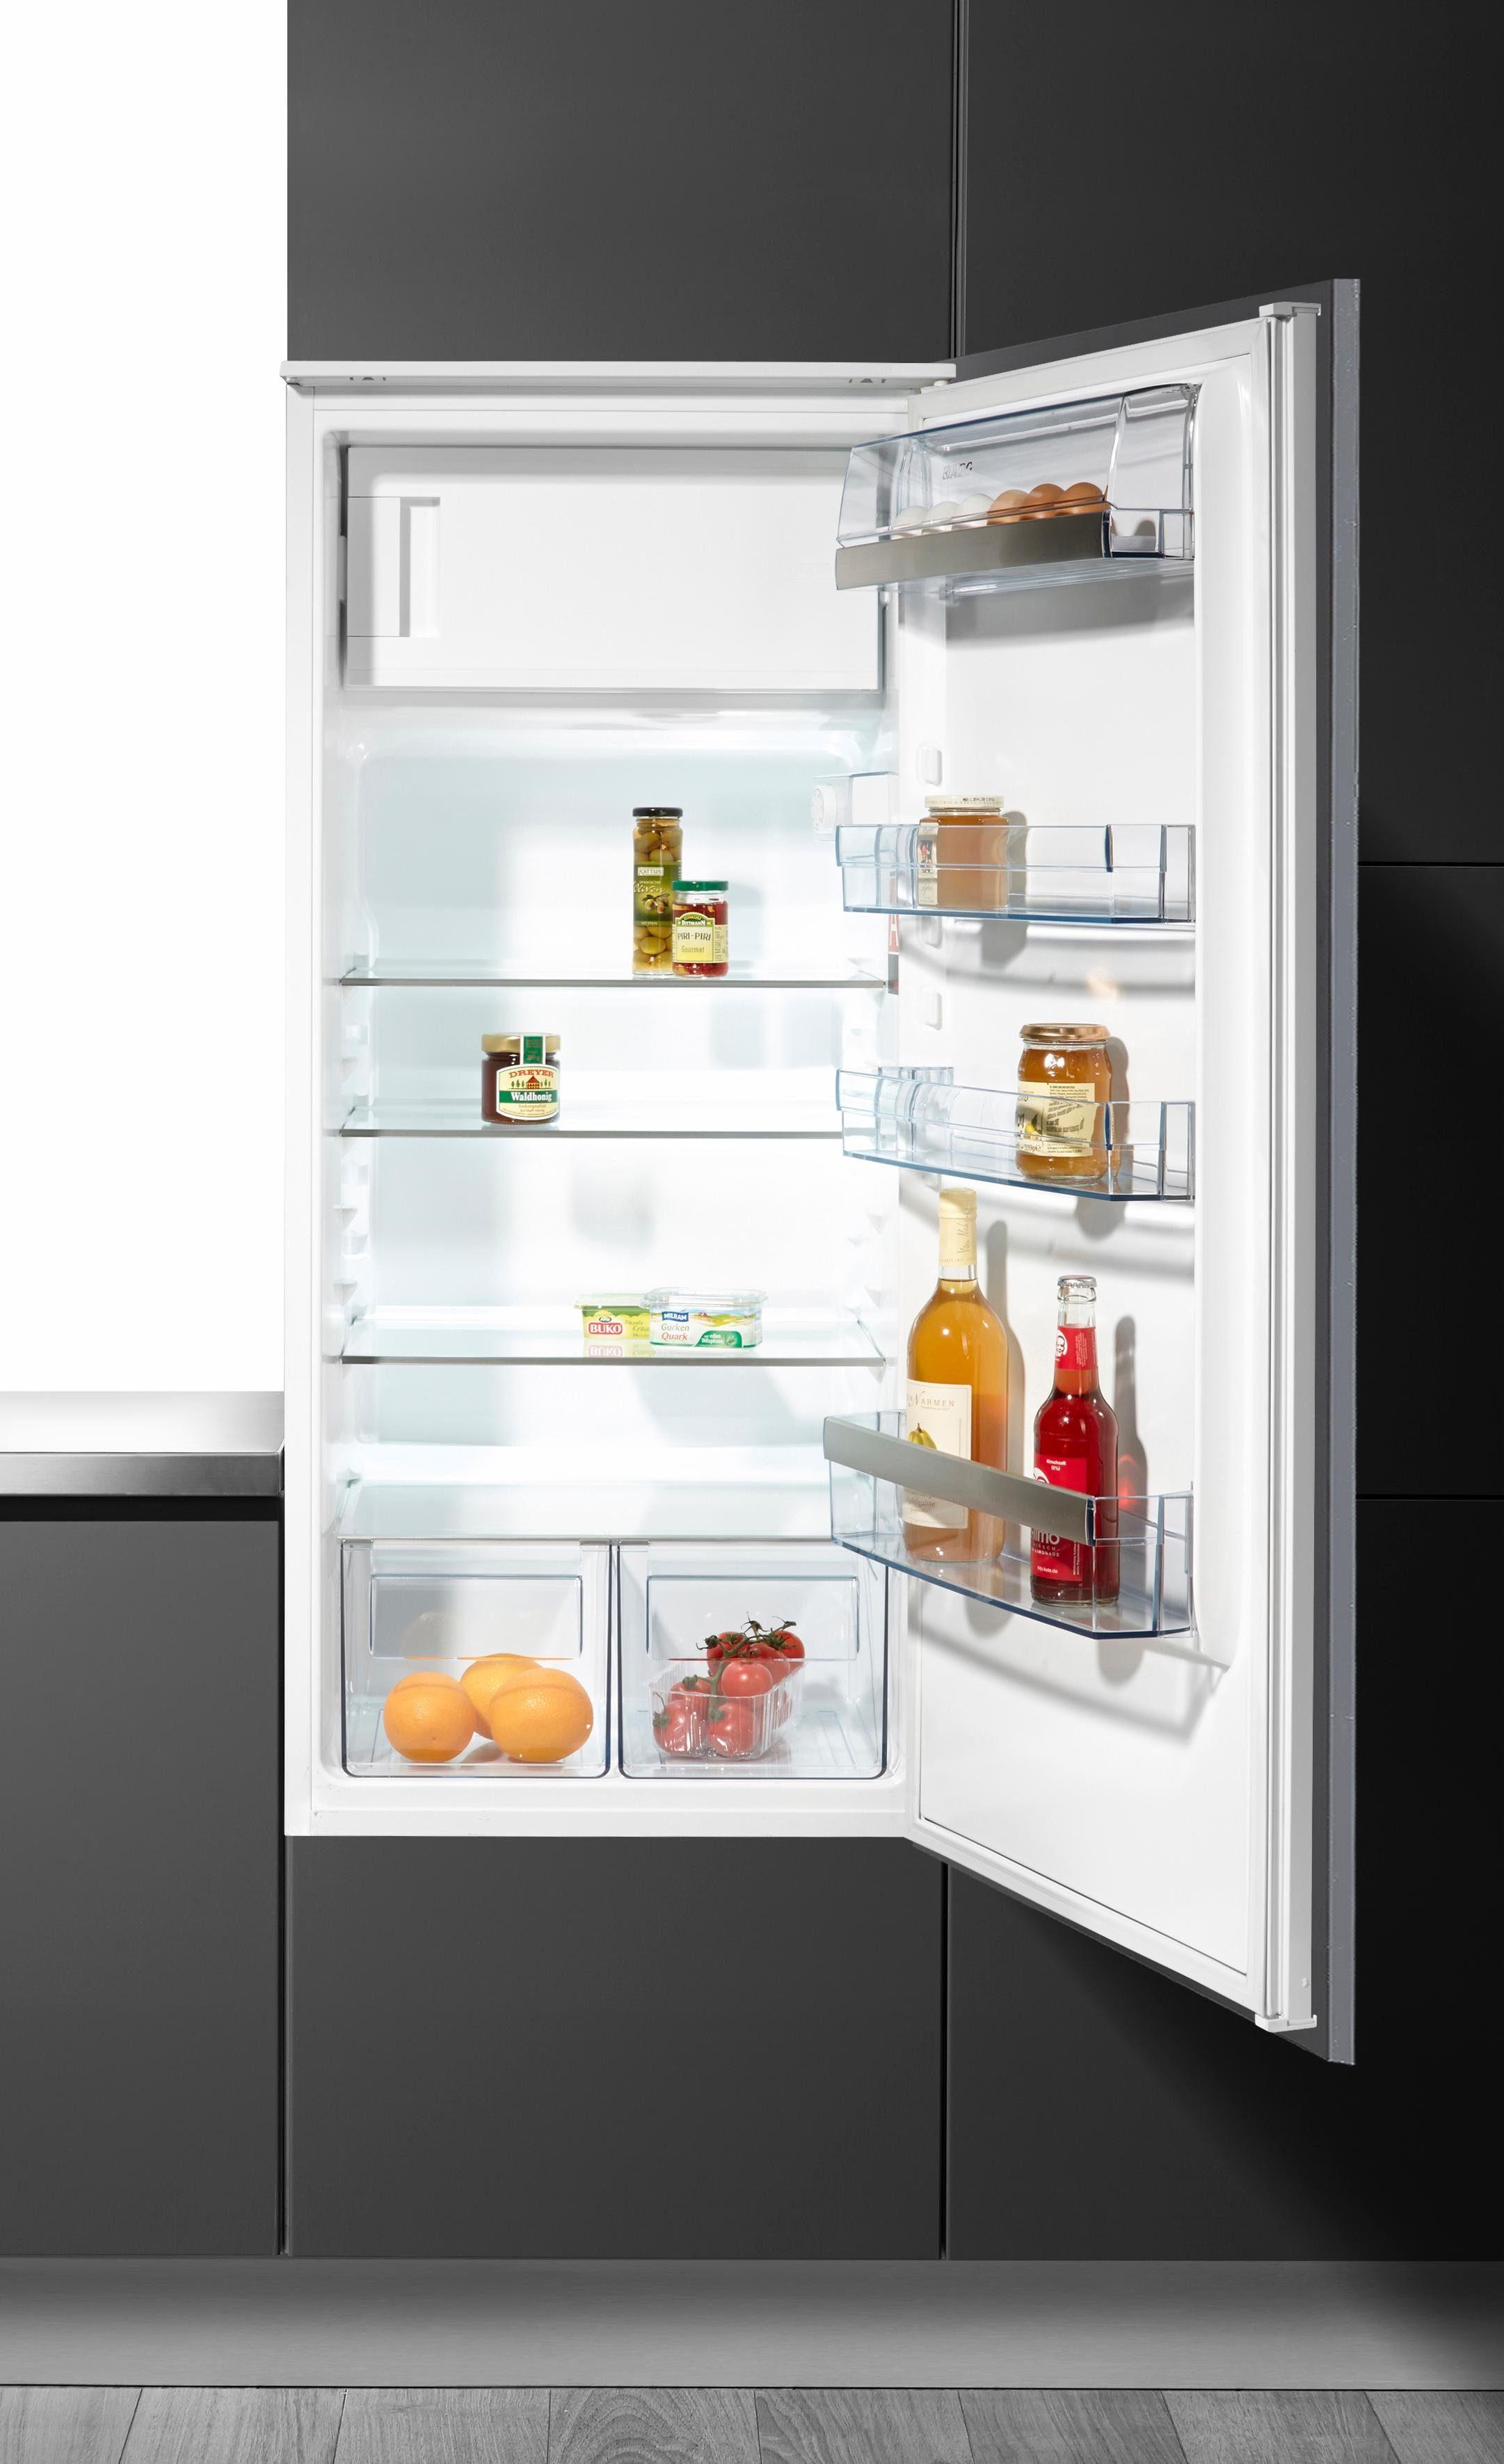 AEG integrierbarer Einbaukühlschrank SANTO / SKS51240S1, A+, 122,5 cm hoch